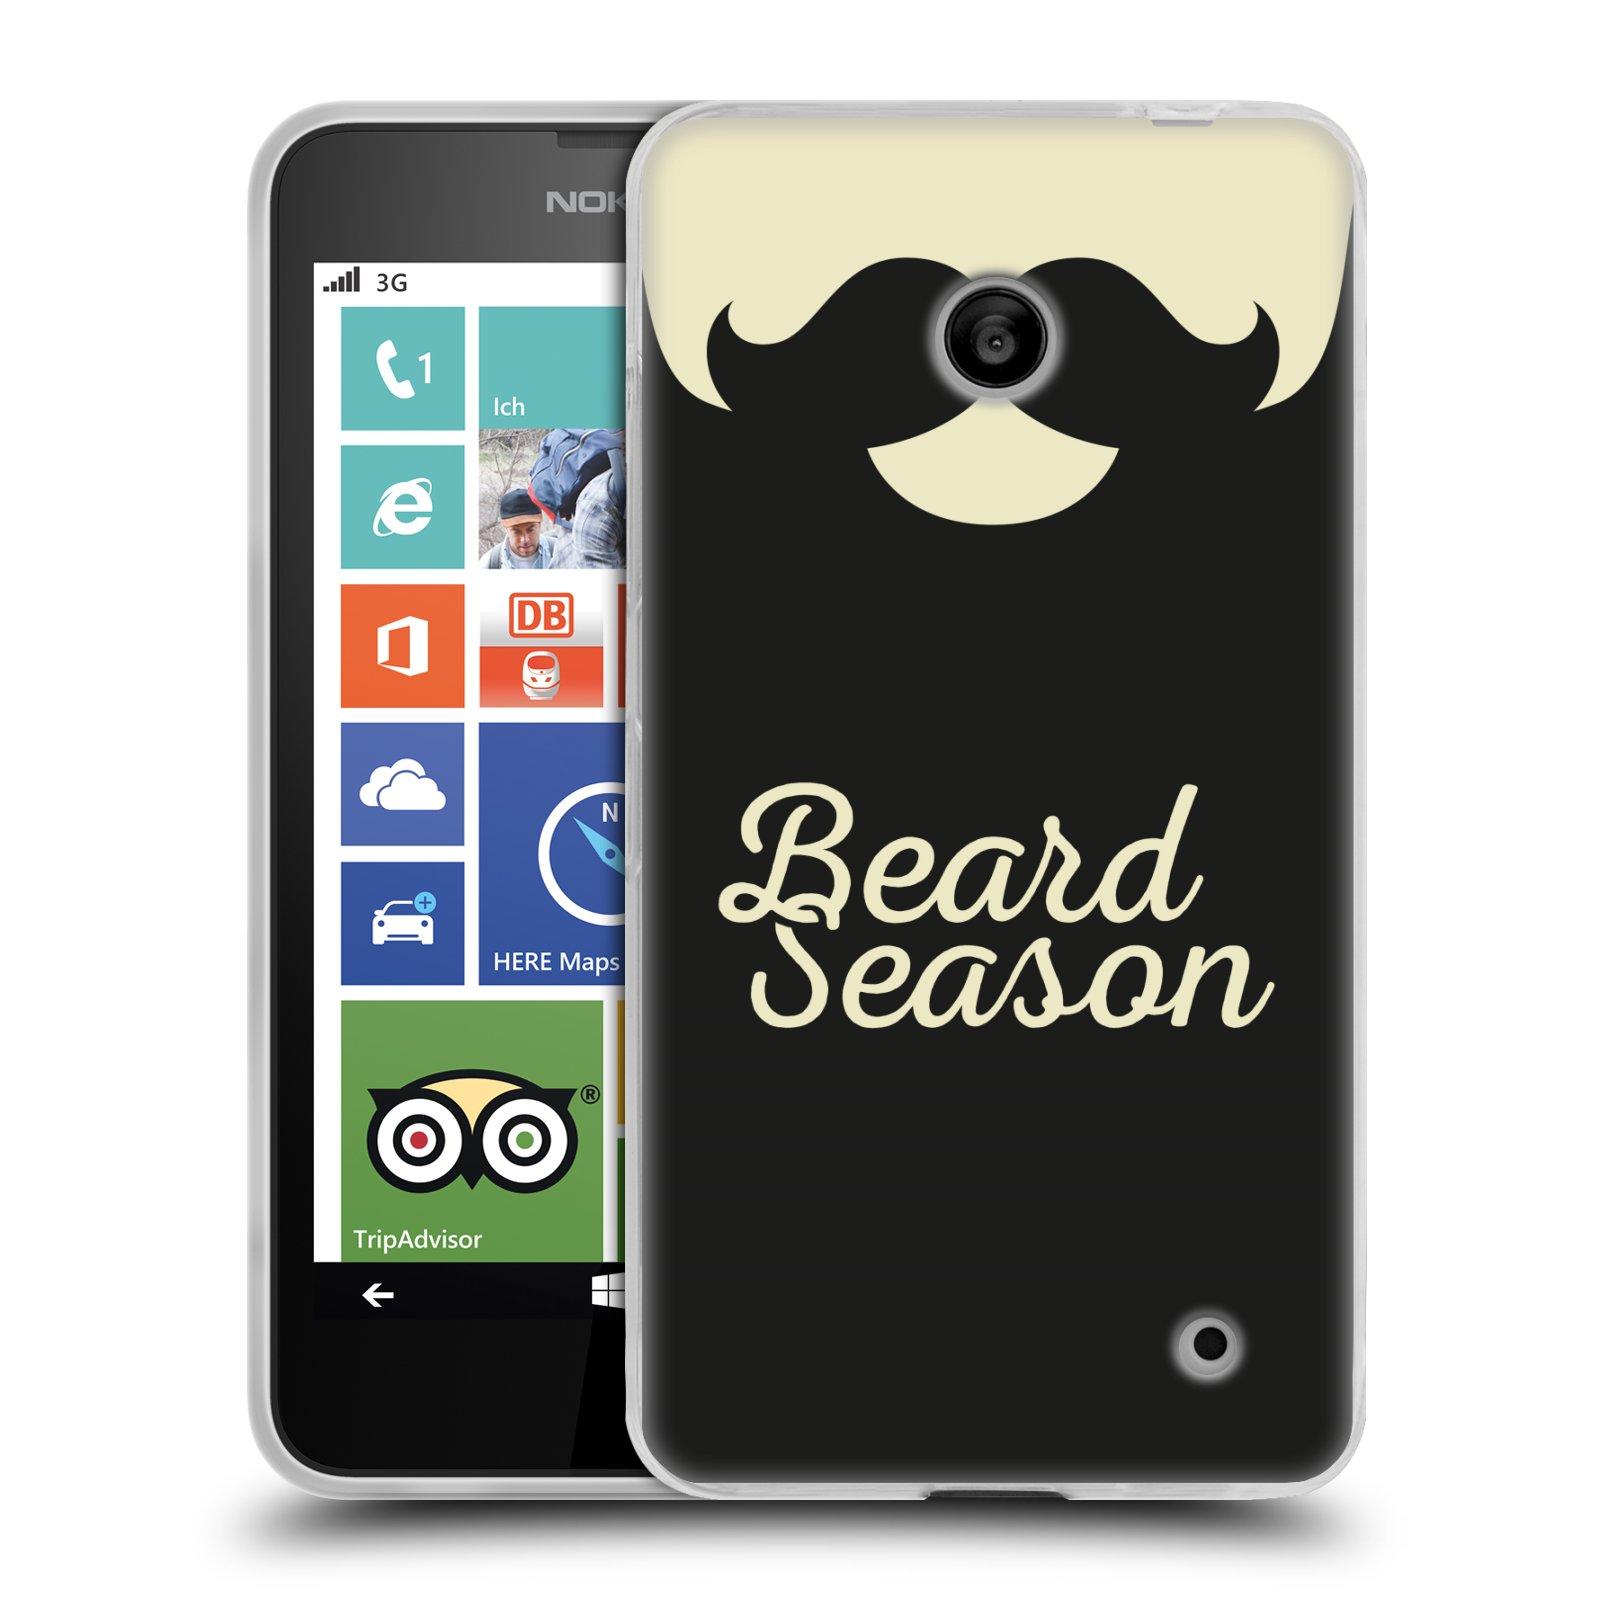 Silikonové pouzdro na mobil Nokia Lumia 630 HEAD CASE KNÍR BEARD SEASON (Silikonový kryt či obal na mobilní telefon Nokia Lumia 630 a Nokia Lumia 630 Dual SIM)